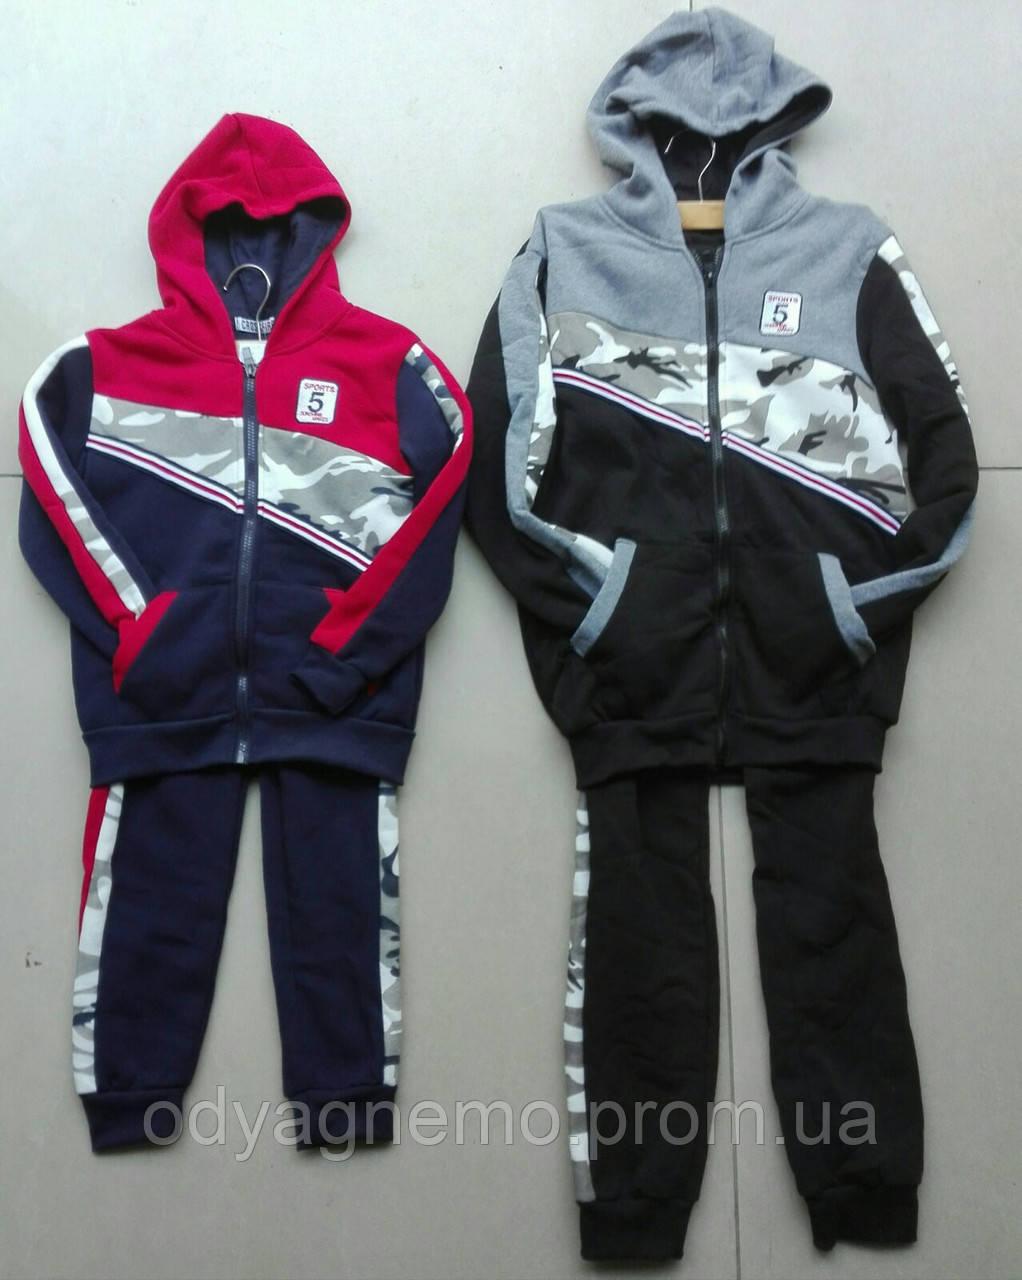 Трикотажный костюм - двойка утепленный для мальчиков Cross Fire оптом, 8-16 лет. Артикул: 417